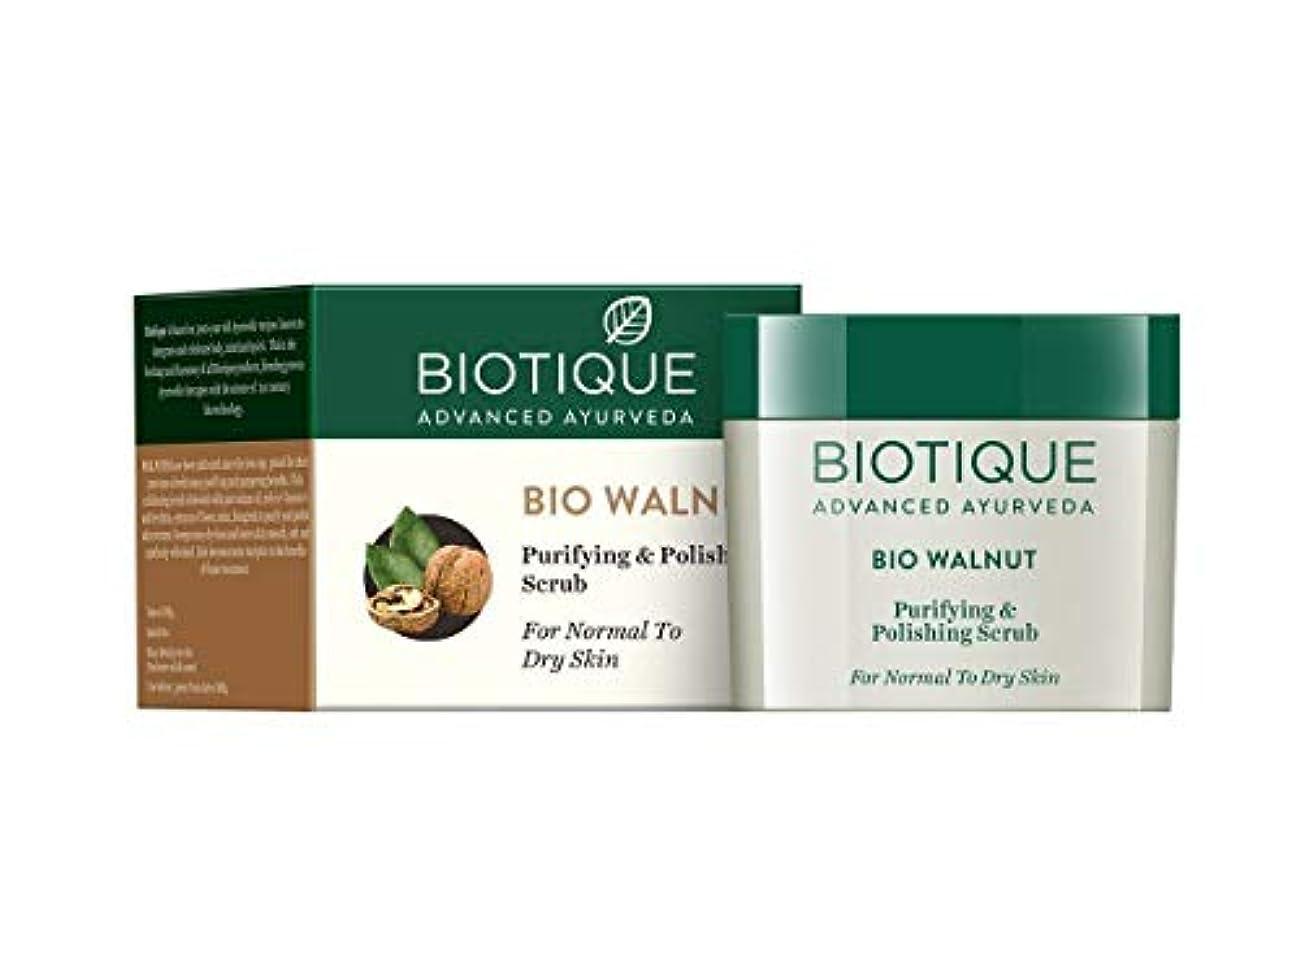 機械的に海上天文学Biotique Bio Walnut Purifying & Polishing Scrub, 50g get rid of the dead cells